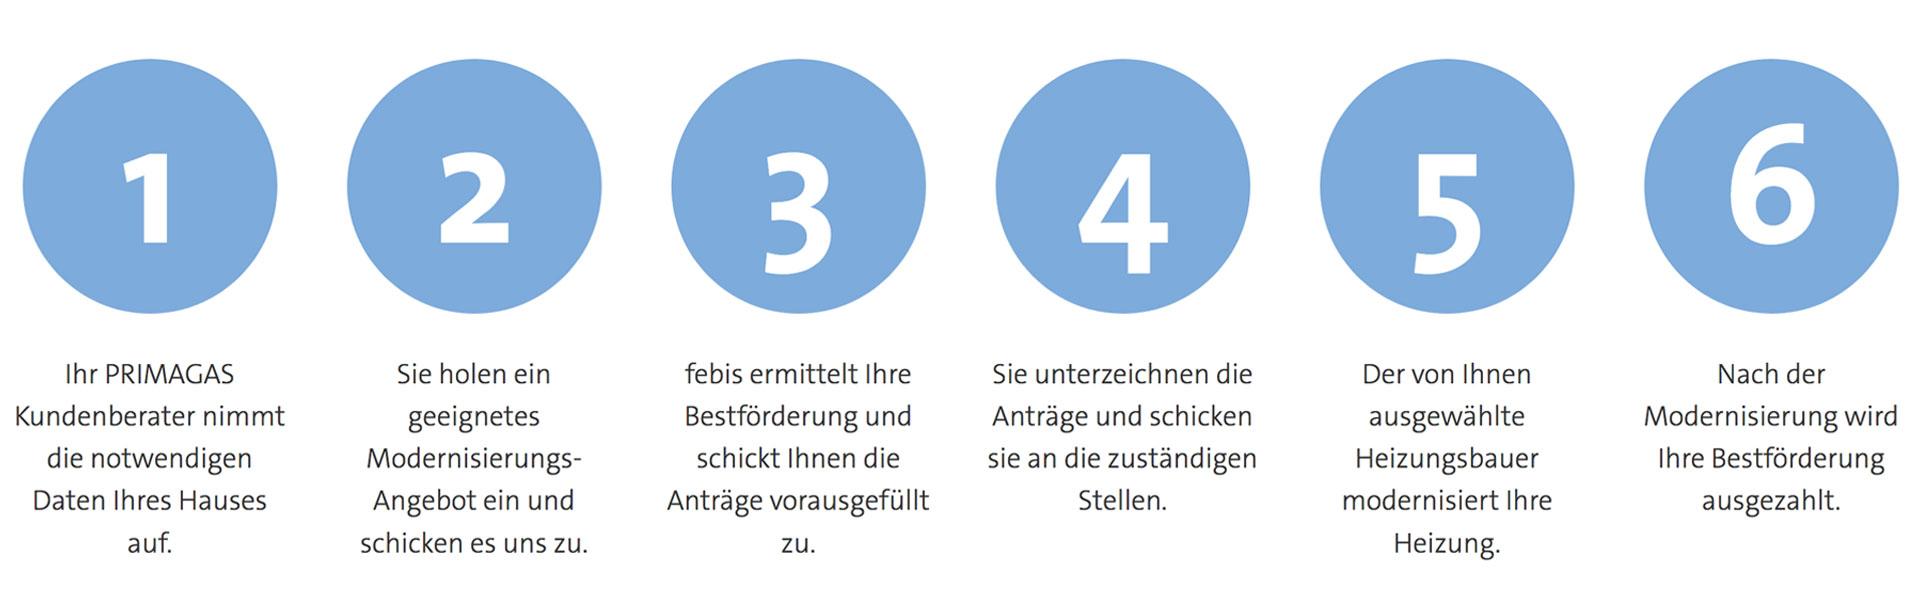 Darstellung des PRIMAGAS Förder-Service anhand von 6 Schritten.